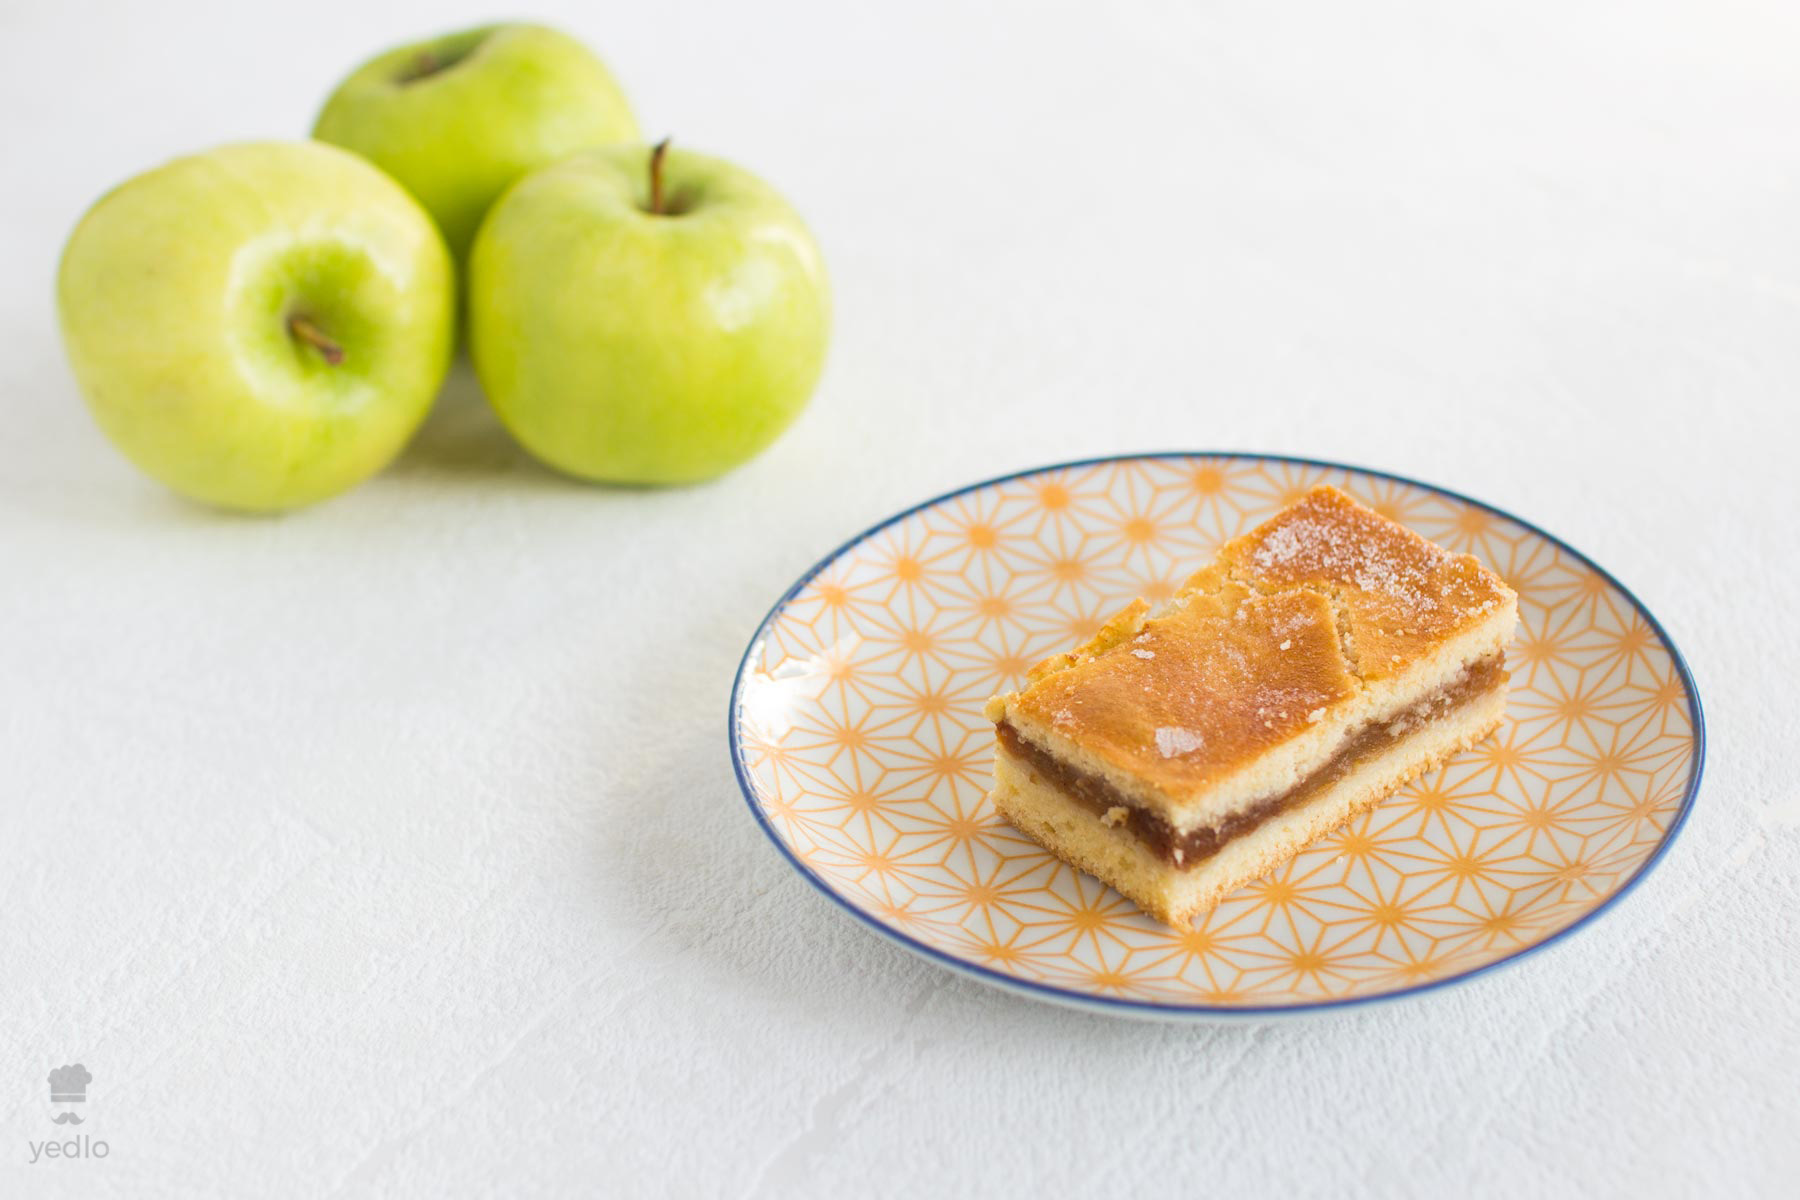 Jablkove pyte na tanieriku s 3 zelenymi jablkami v pozadi.